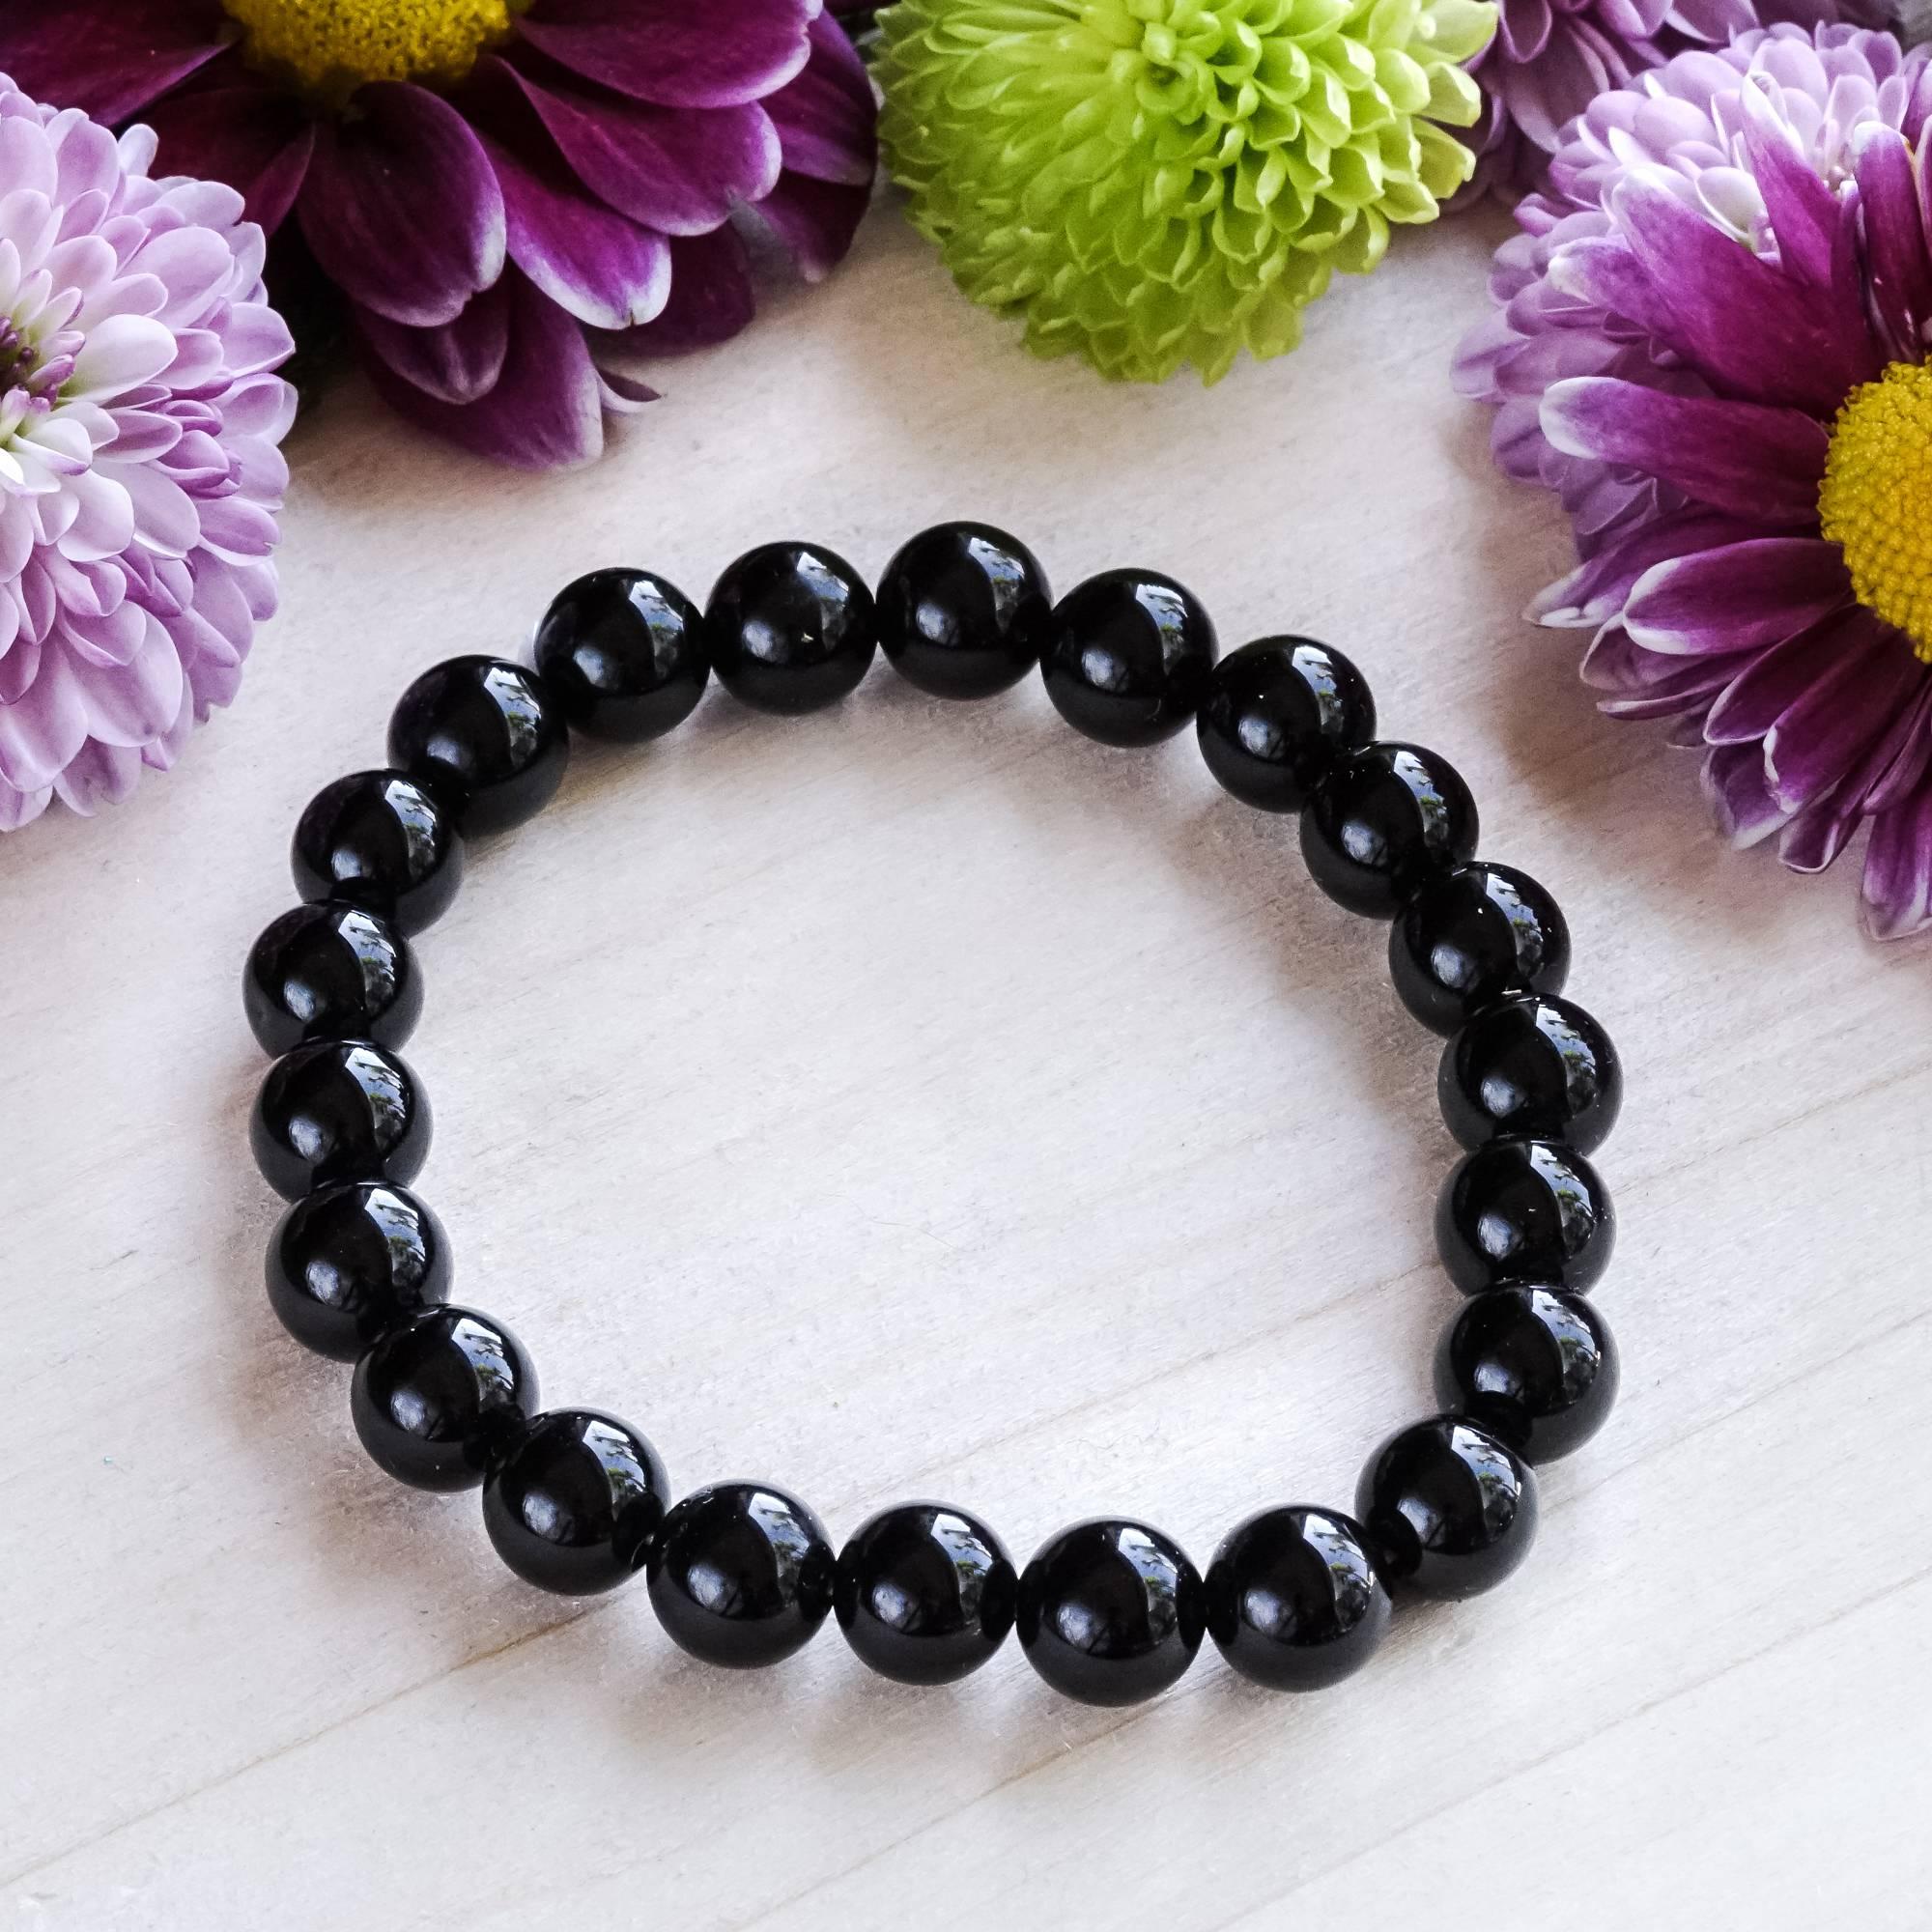 Black Onyx Bracelets